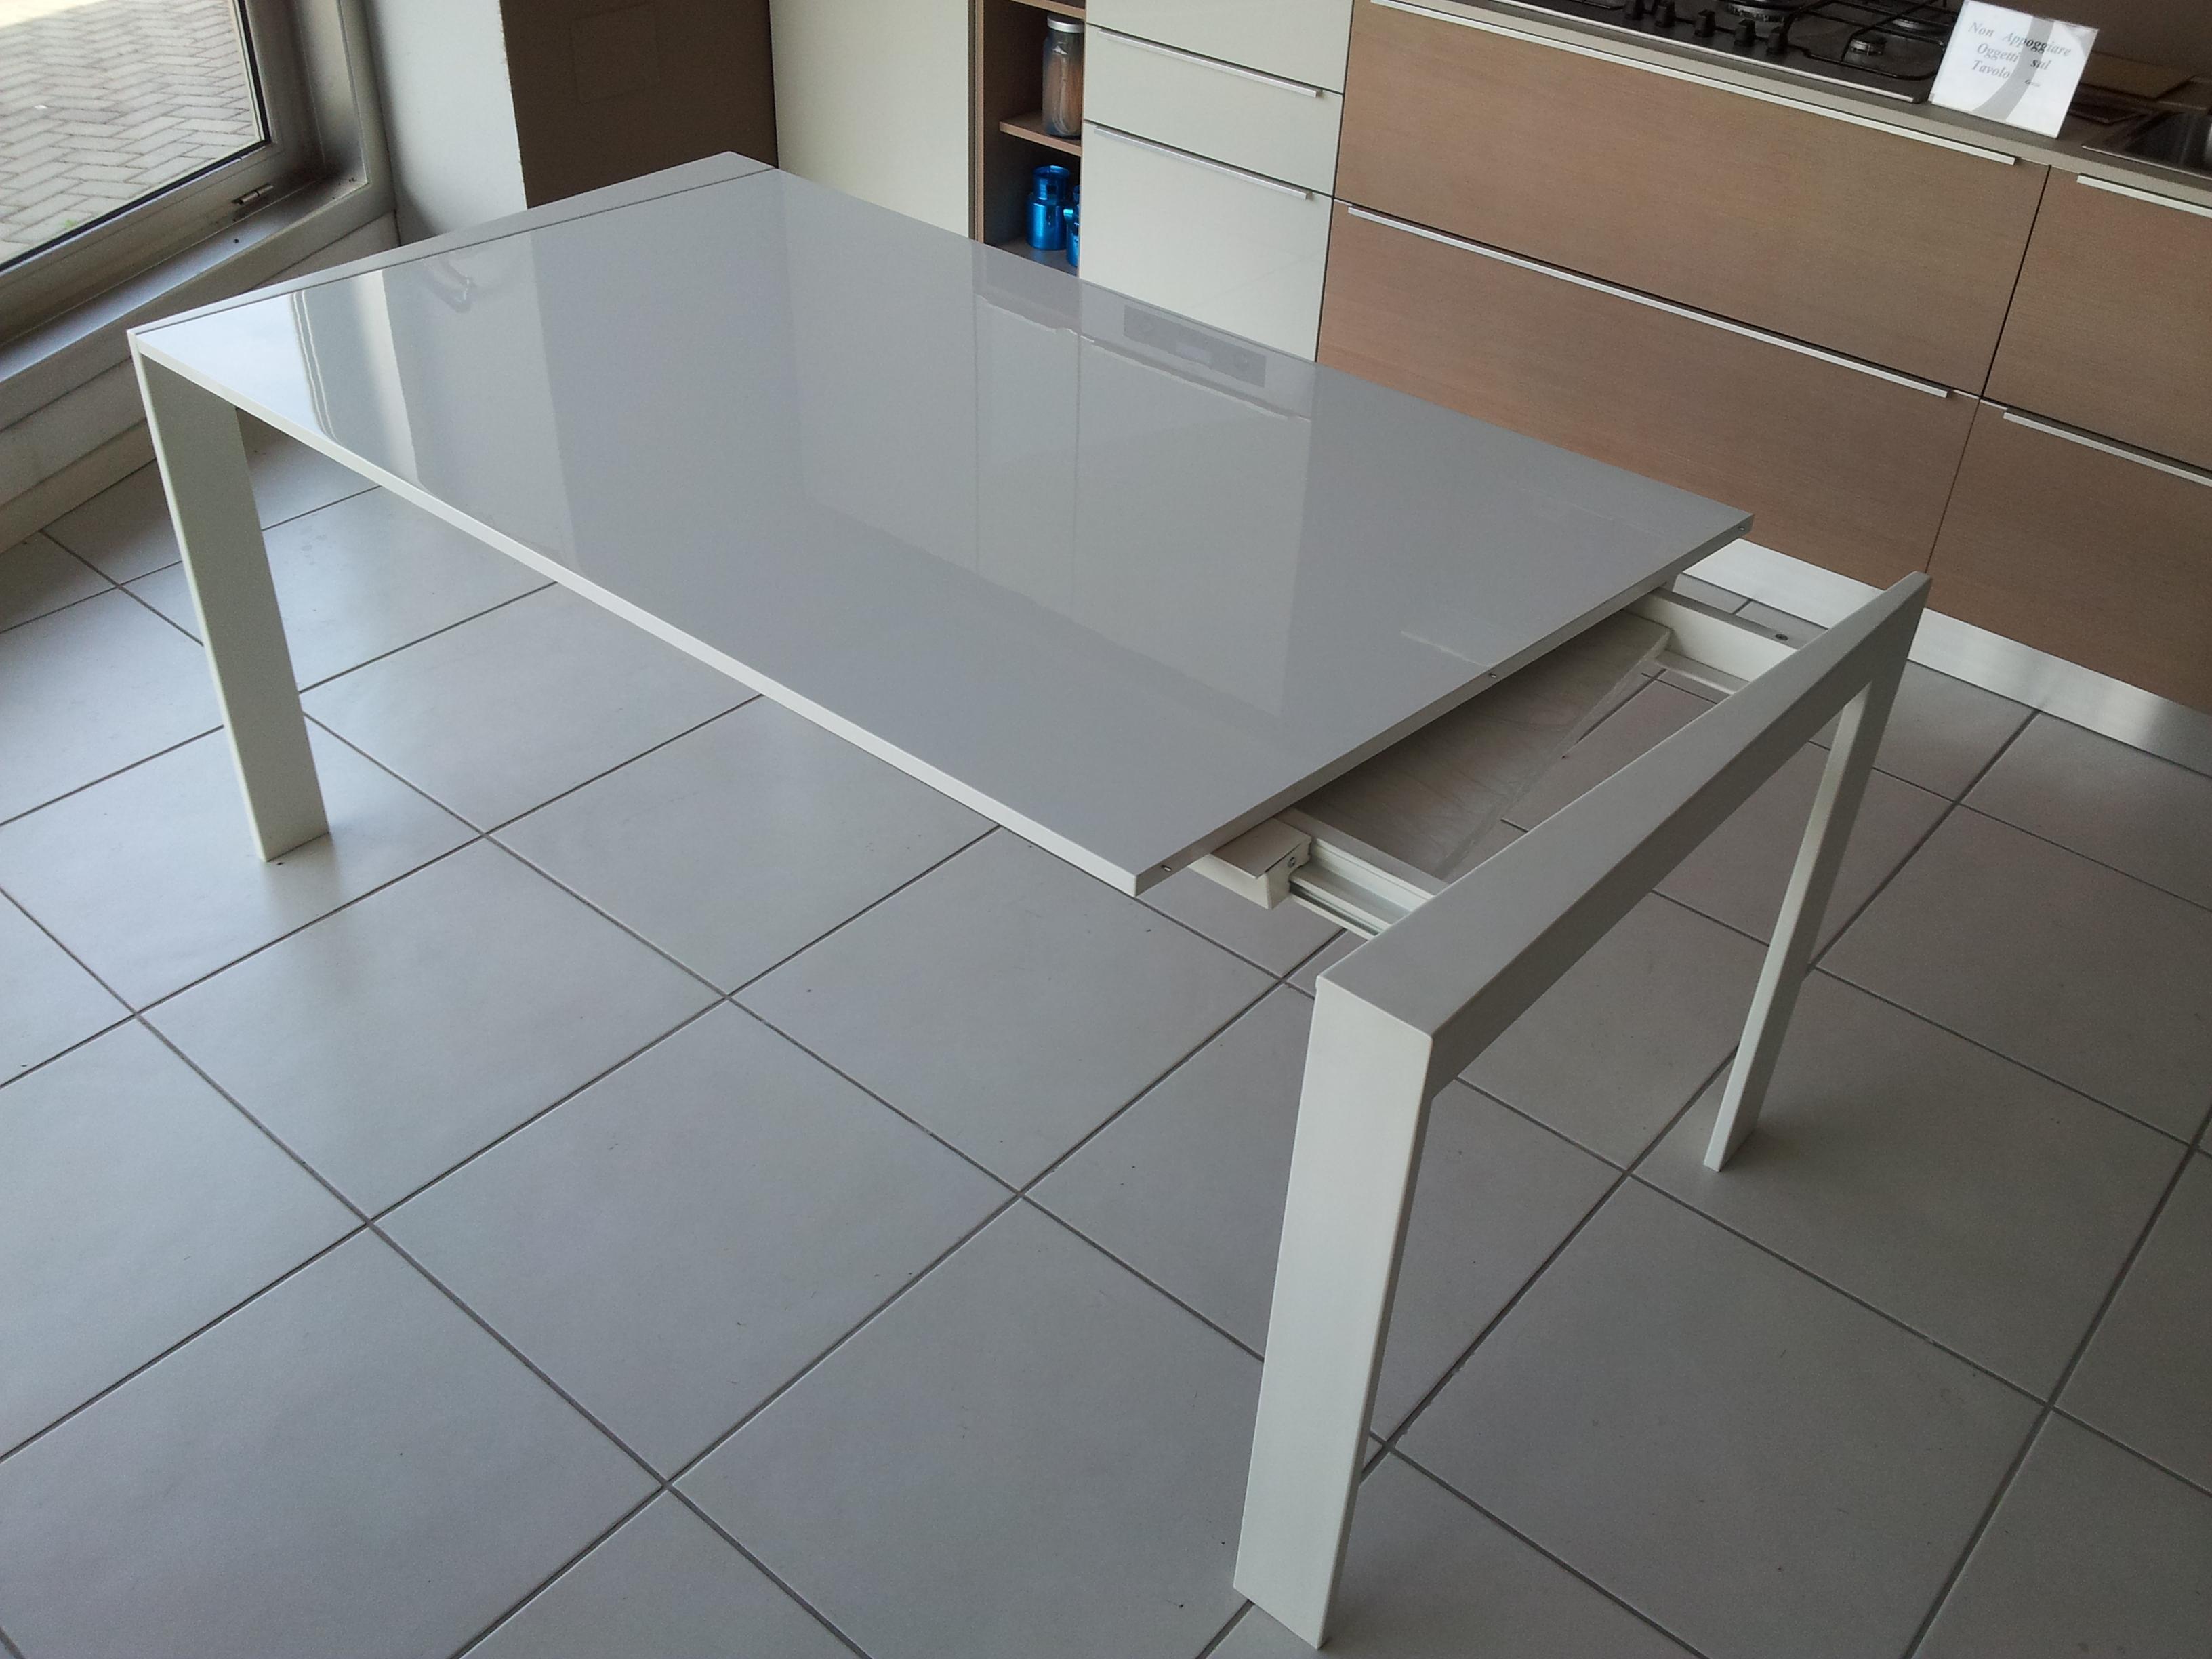 Tavolo kreaty tavolo trim allungabile scontato del 55 for Carrelage 80 x 80